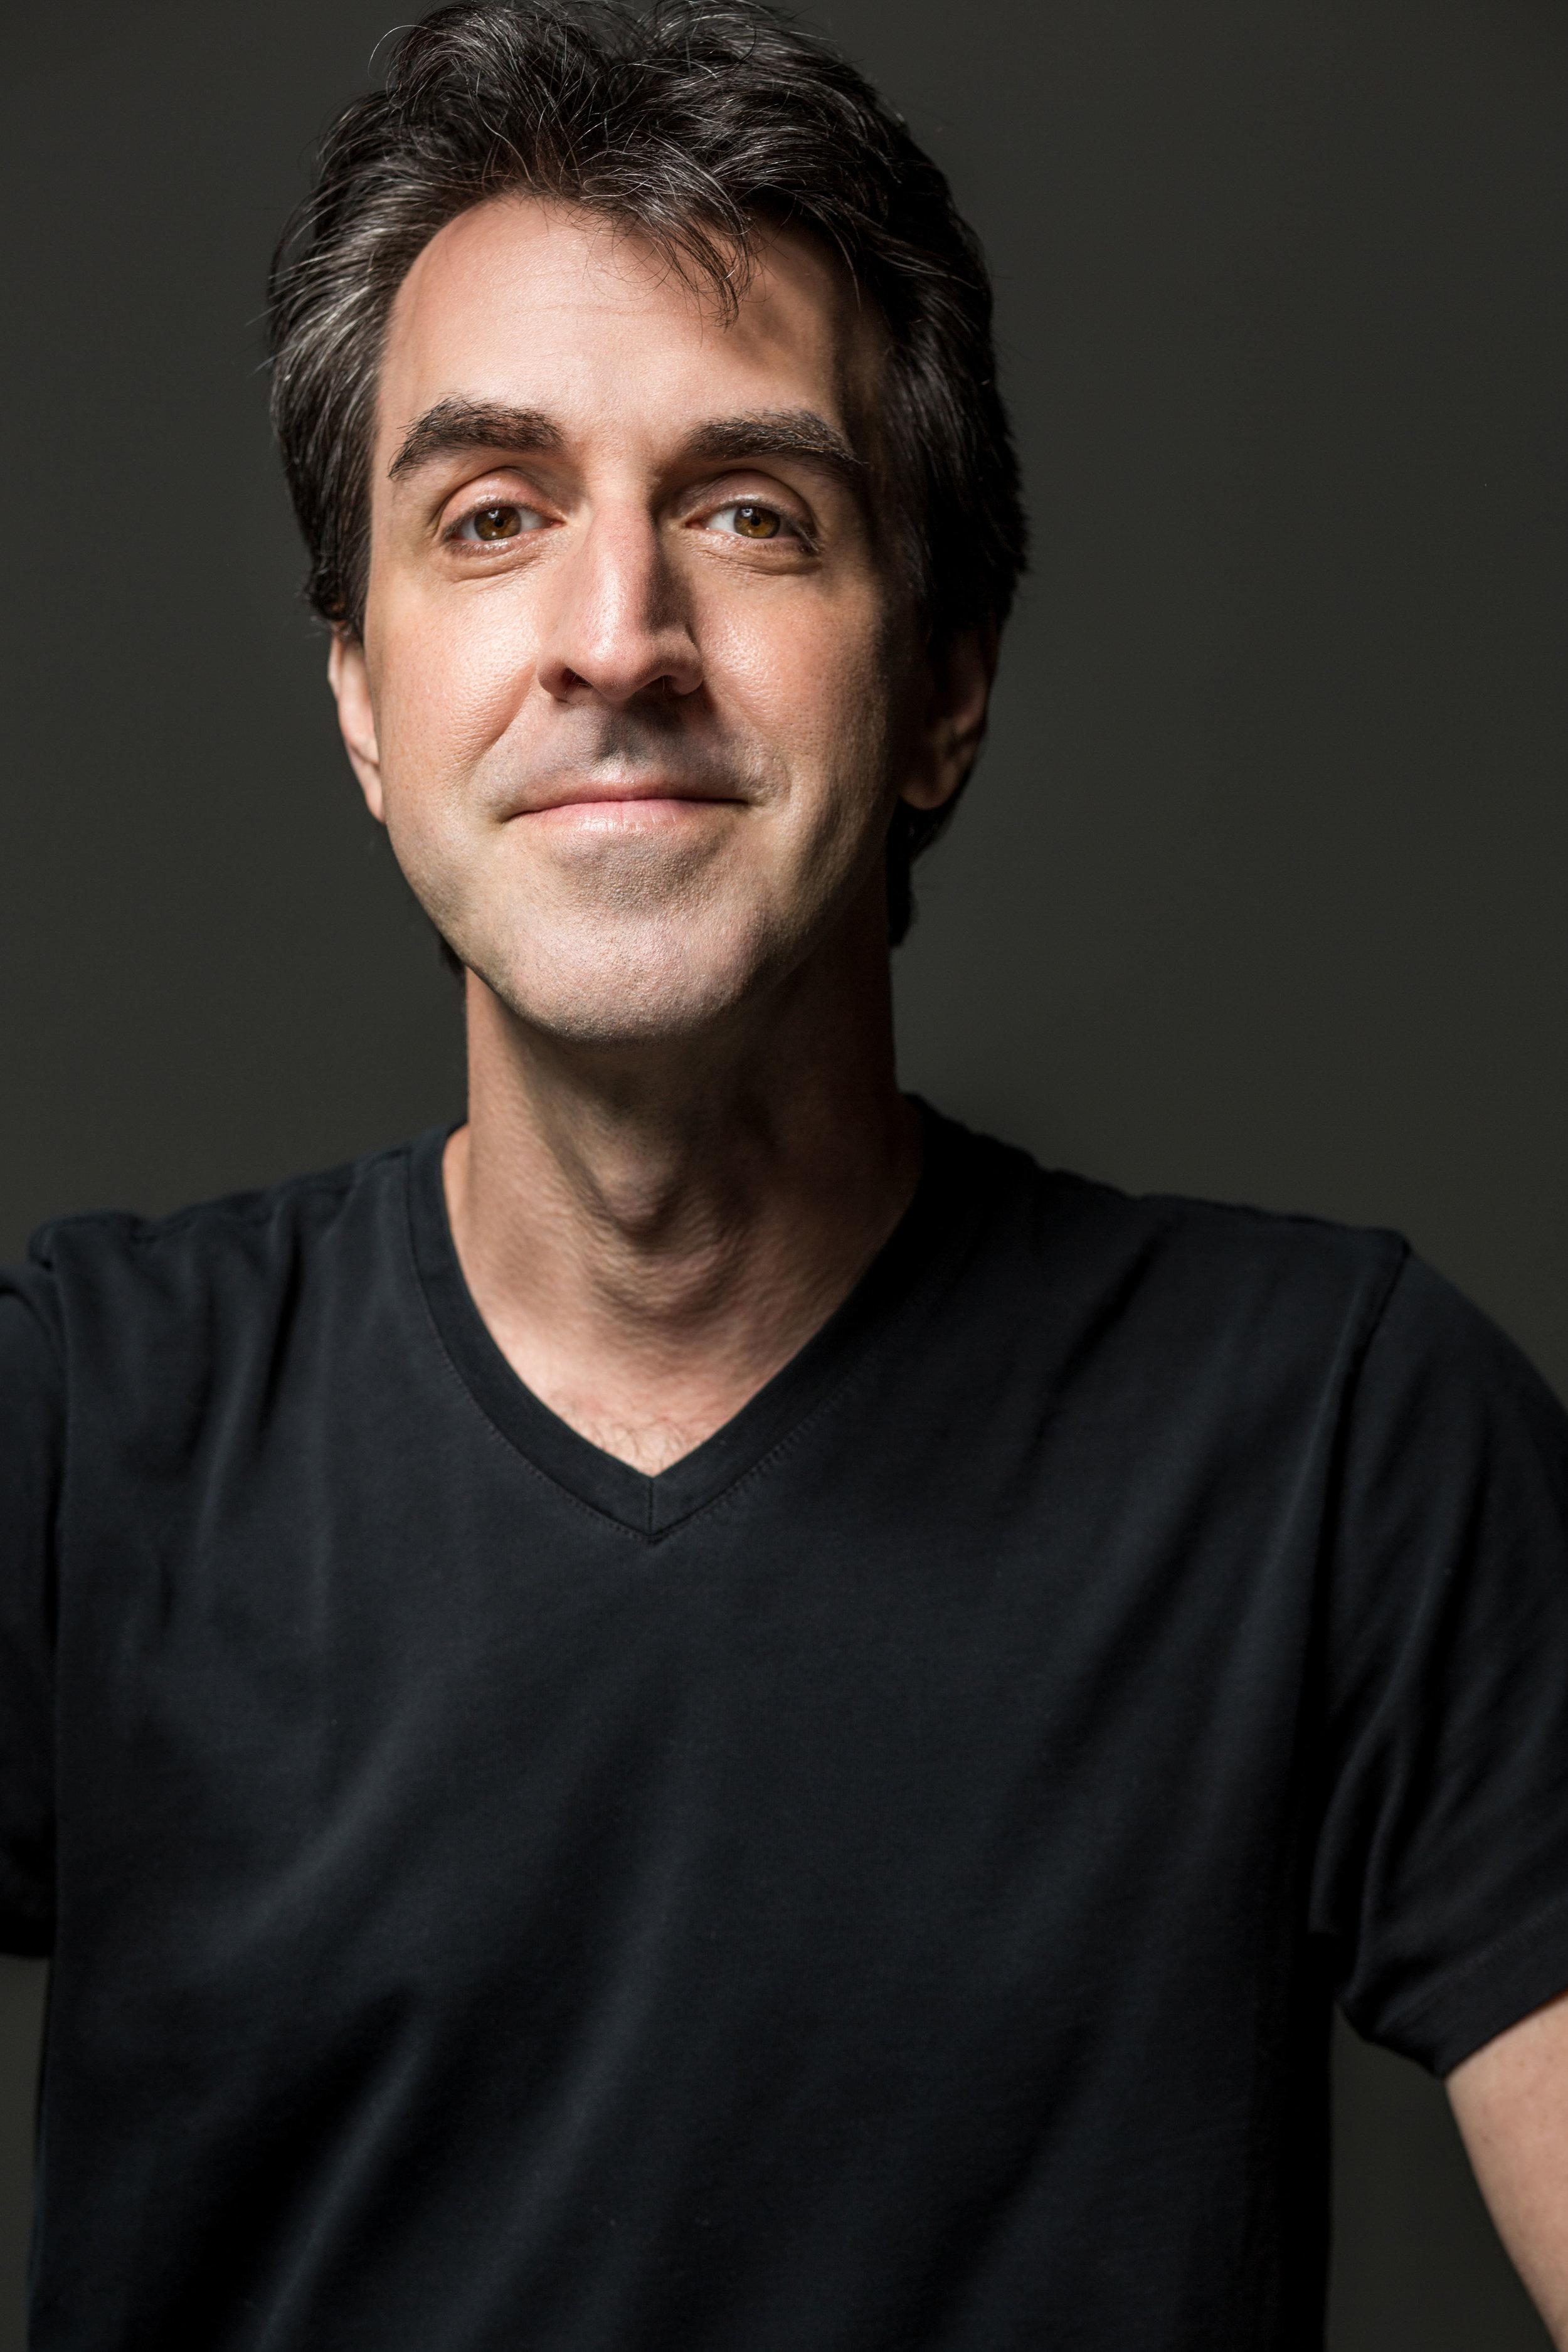 Jason Robert Brown